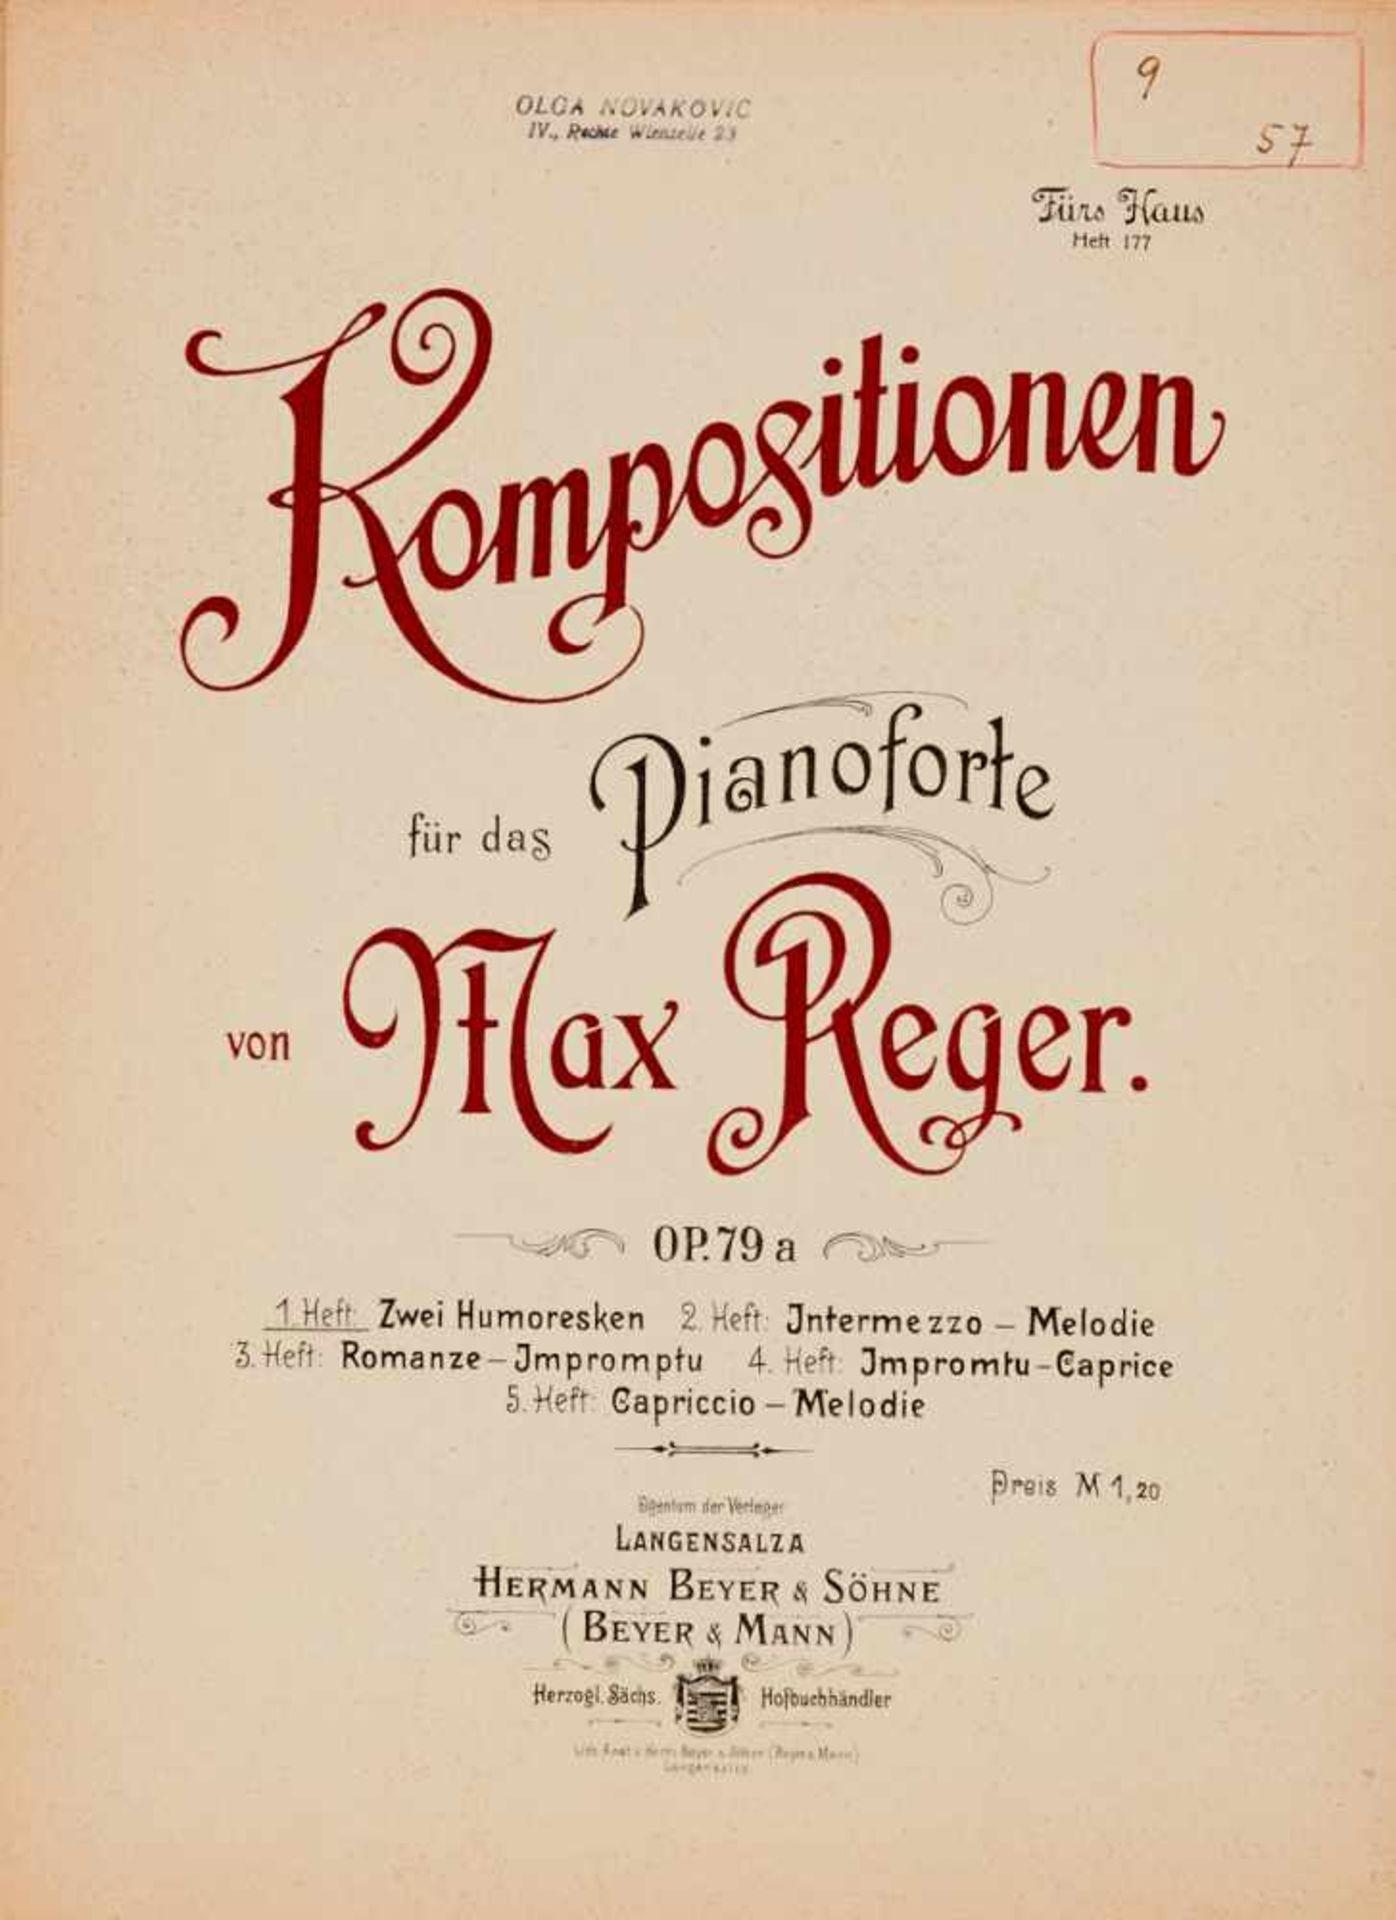 - Aus dem Besitz der Schönberg-Schülerin - Olga Novakovic - Reger, M., - Bild 2 aus 2